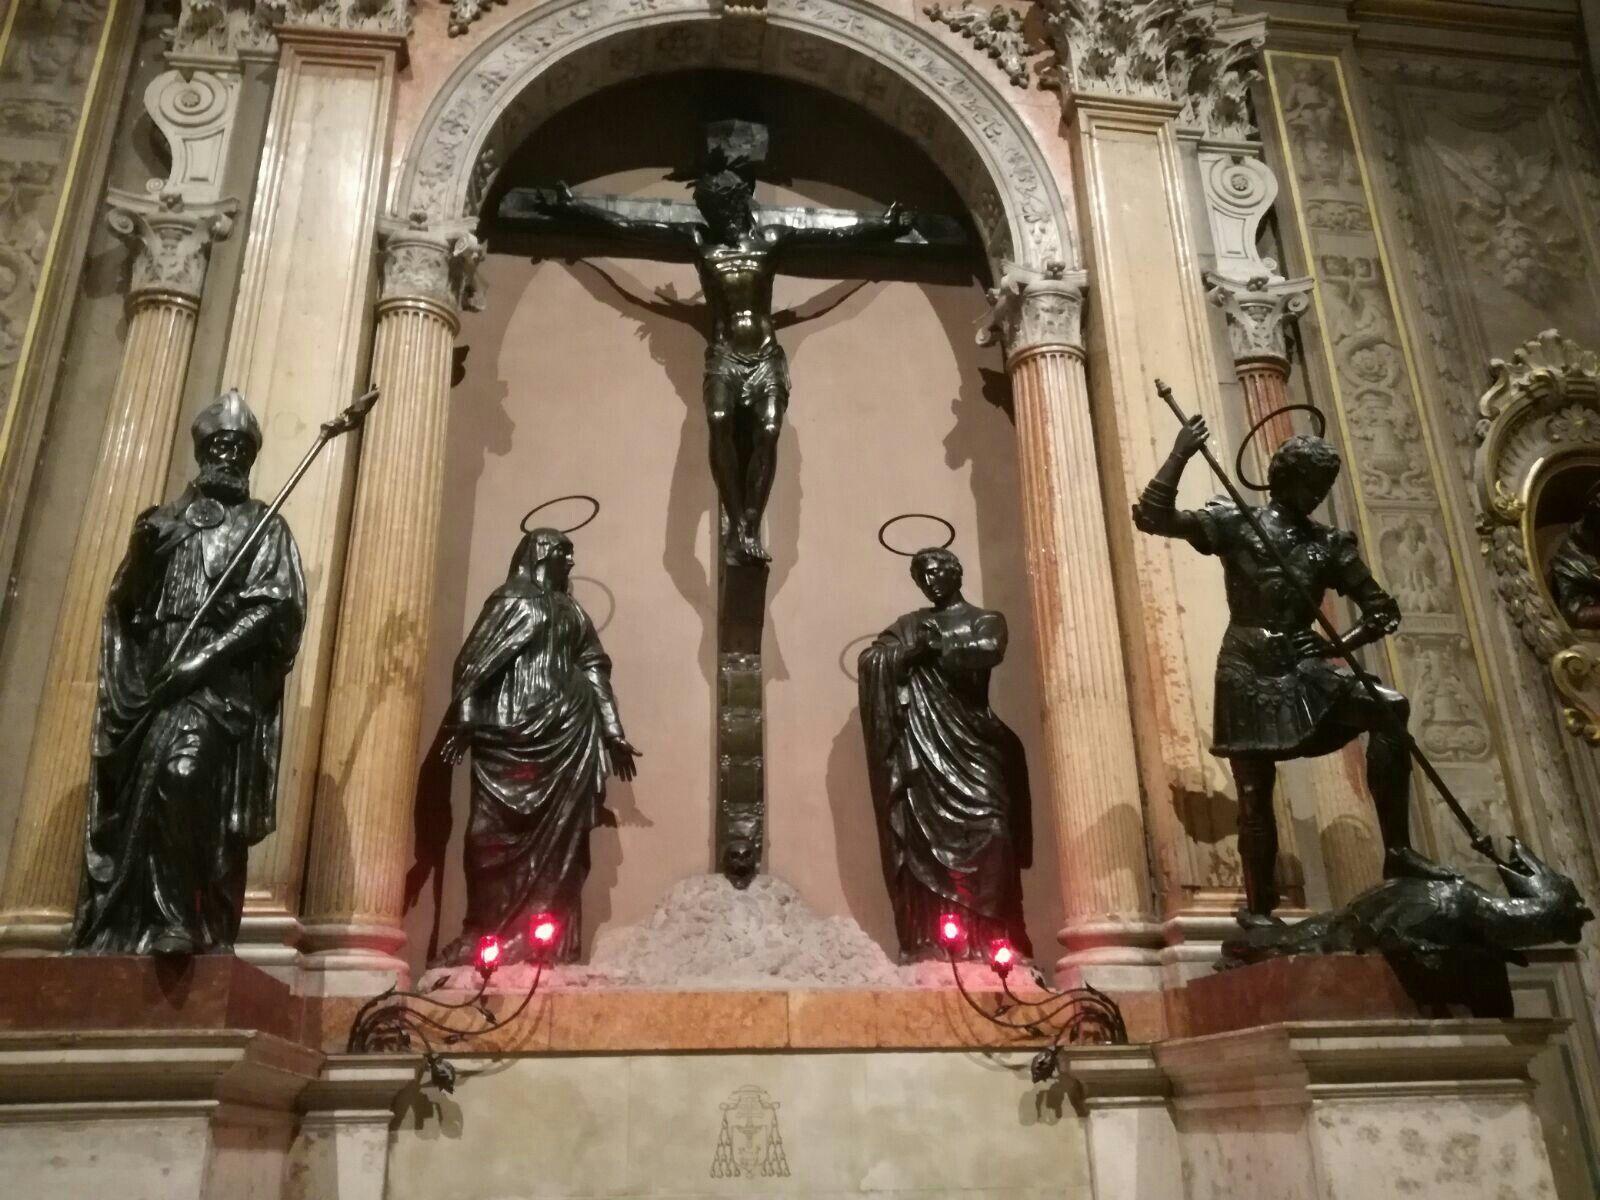 Gruppo statuario nel Duomo di Ferrara. Nicolò Baroncelli  (crocefisso con San Giovanni e Maria) e i Santi Giorgio e Maurelio (Domenico Paris). 1450 ca.